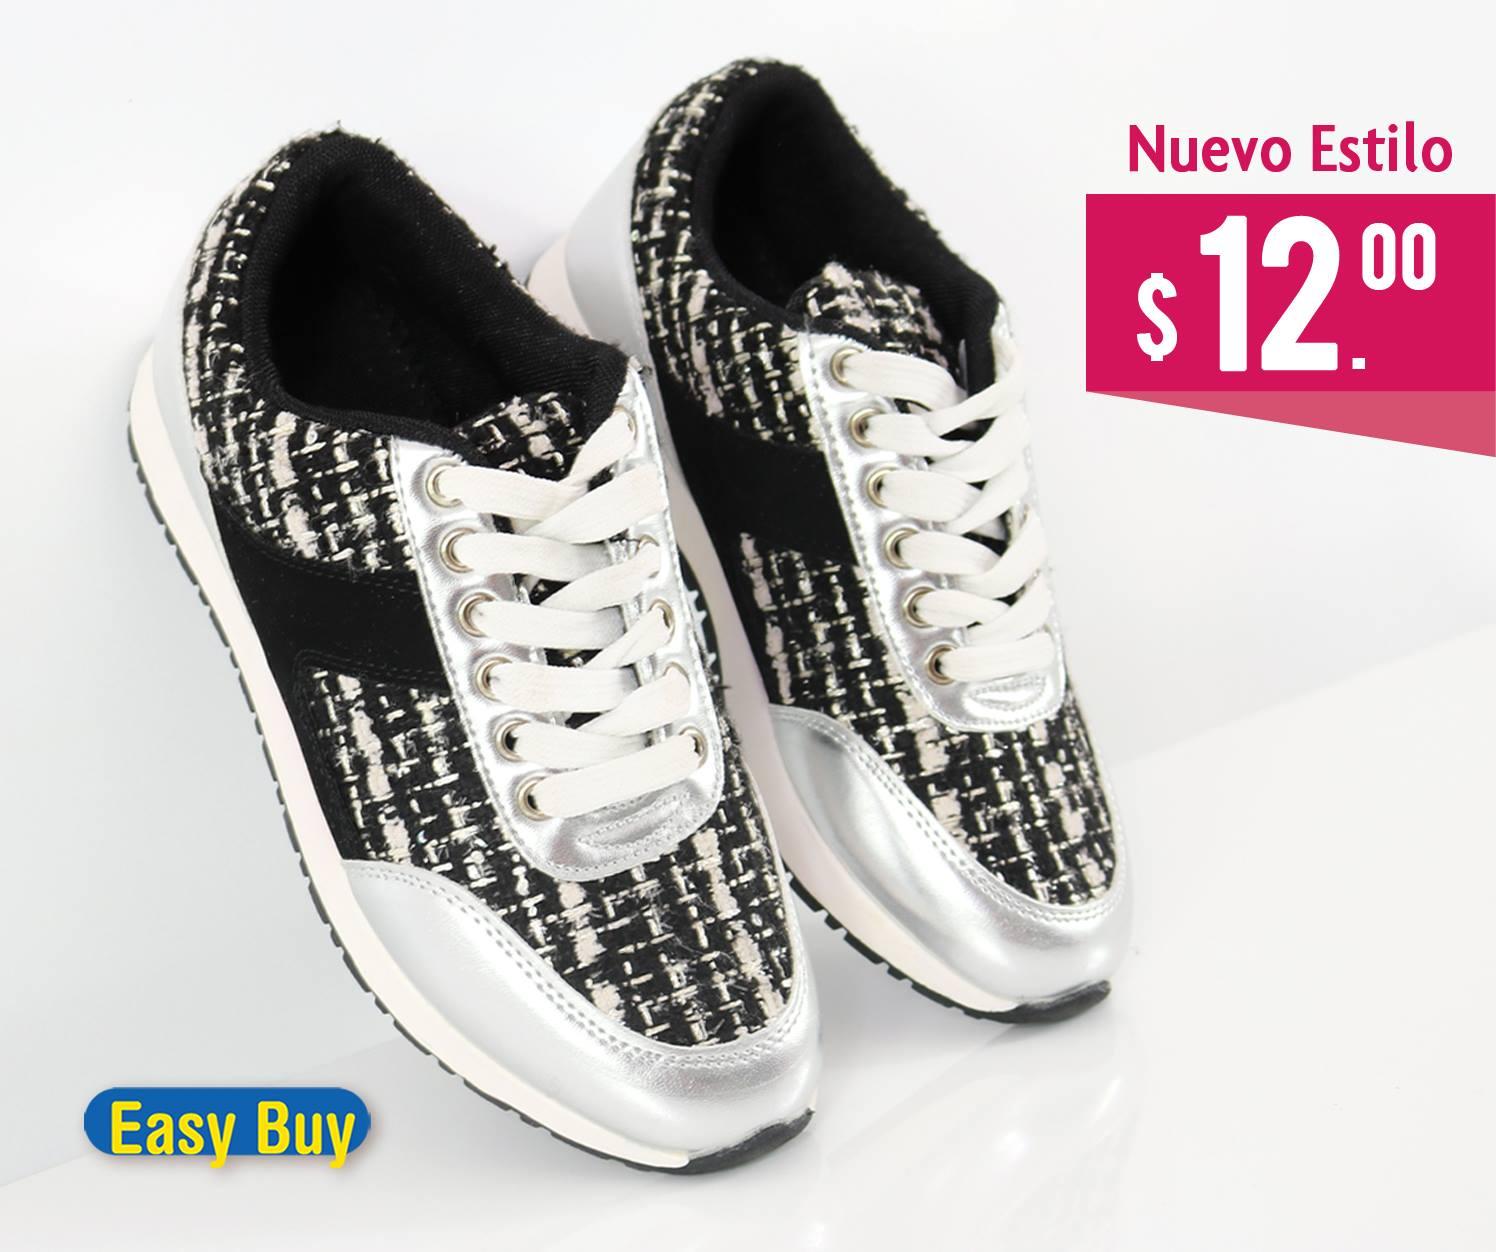 Easy Buy Shoes El Salvador